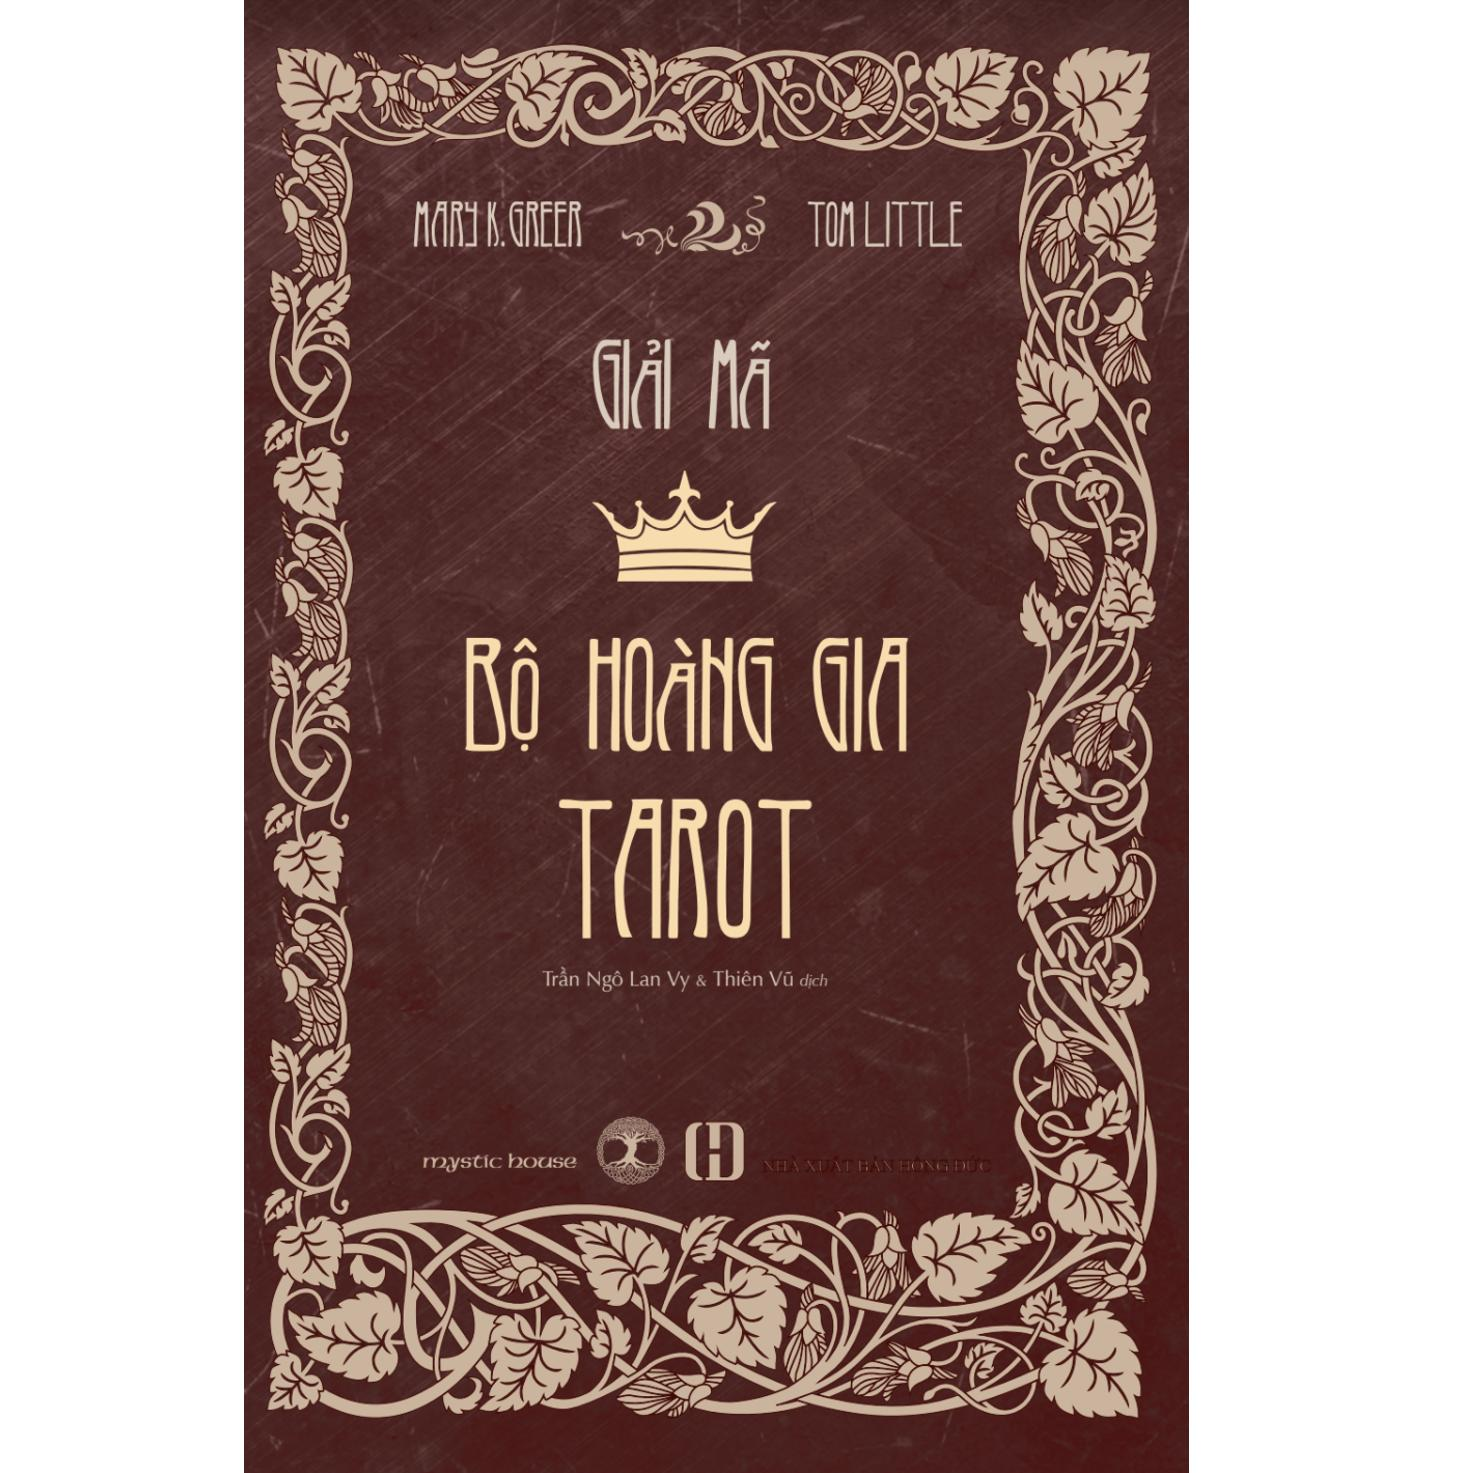 Giải Mã Bộ Hoàng Gia Tarot 13